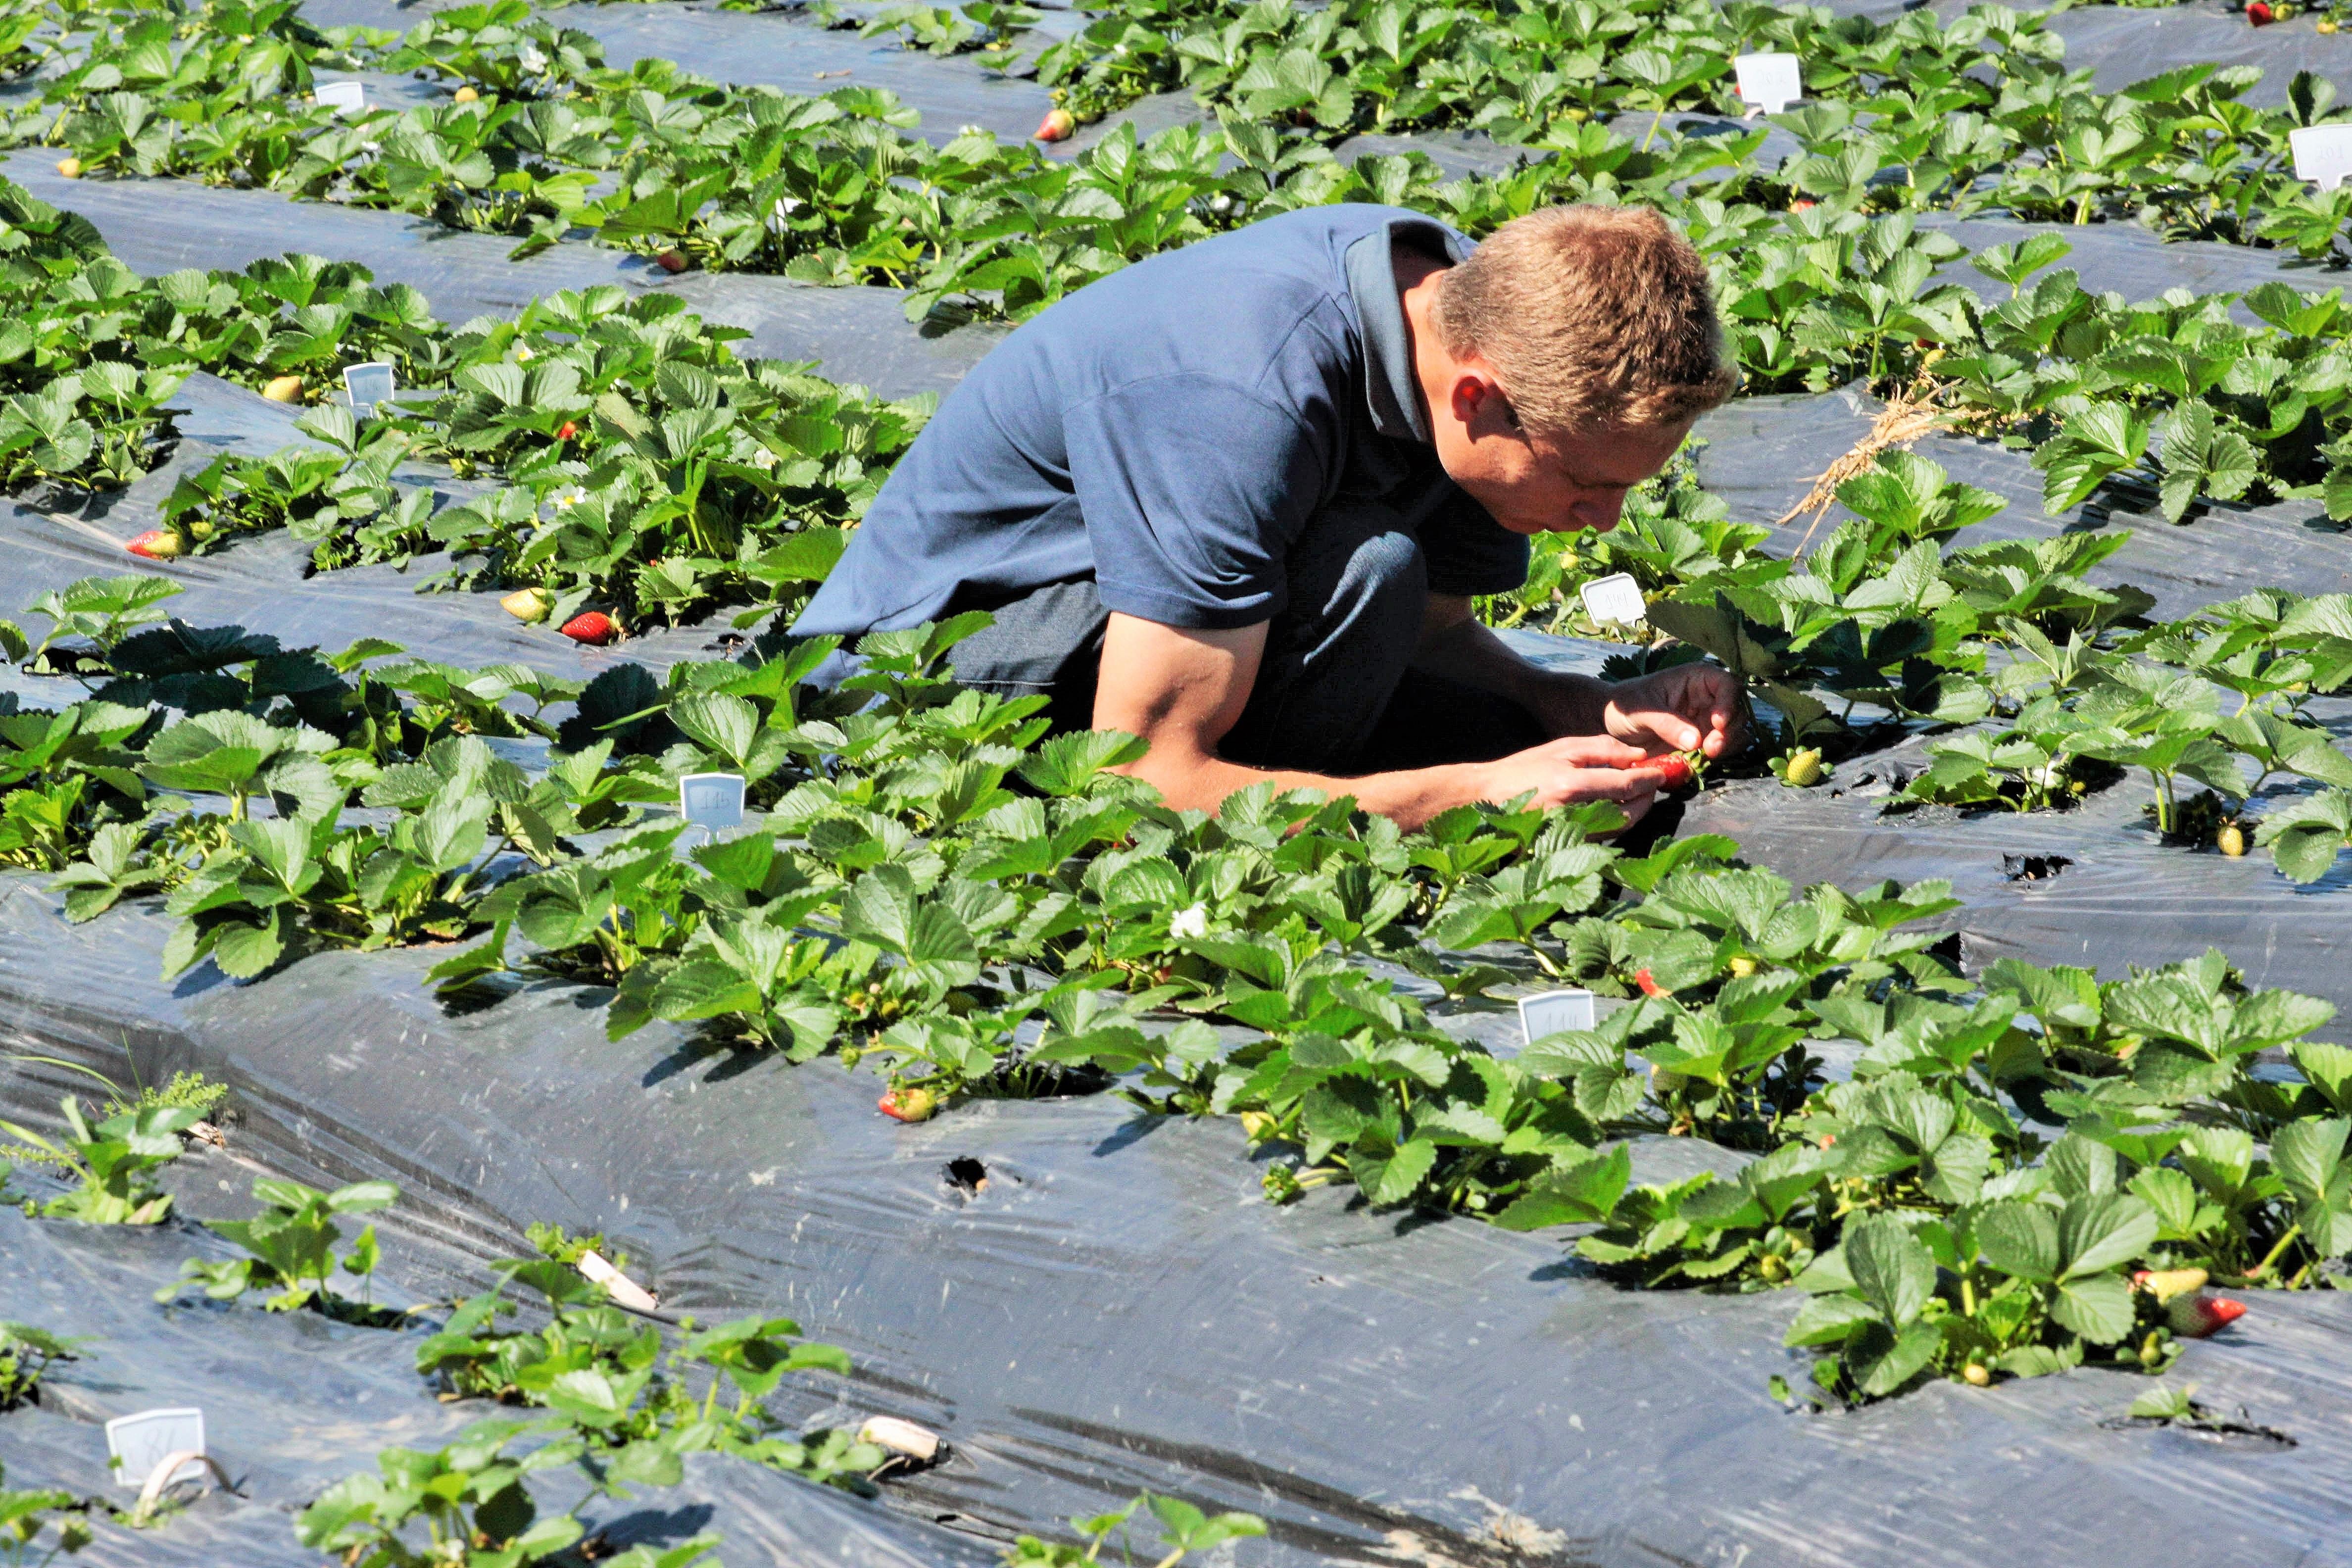 Programa é voltado para graduados nas áreas de Ciências Agrárias ou Biológicas - Foto: Jonas Pôrto